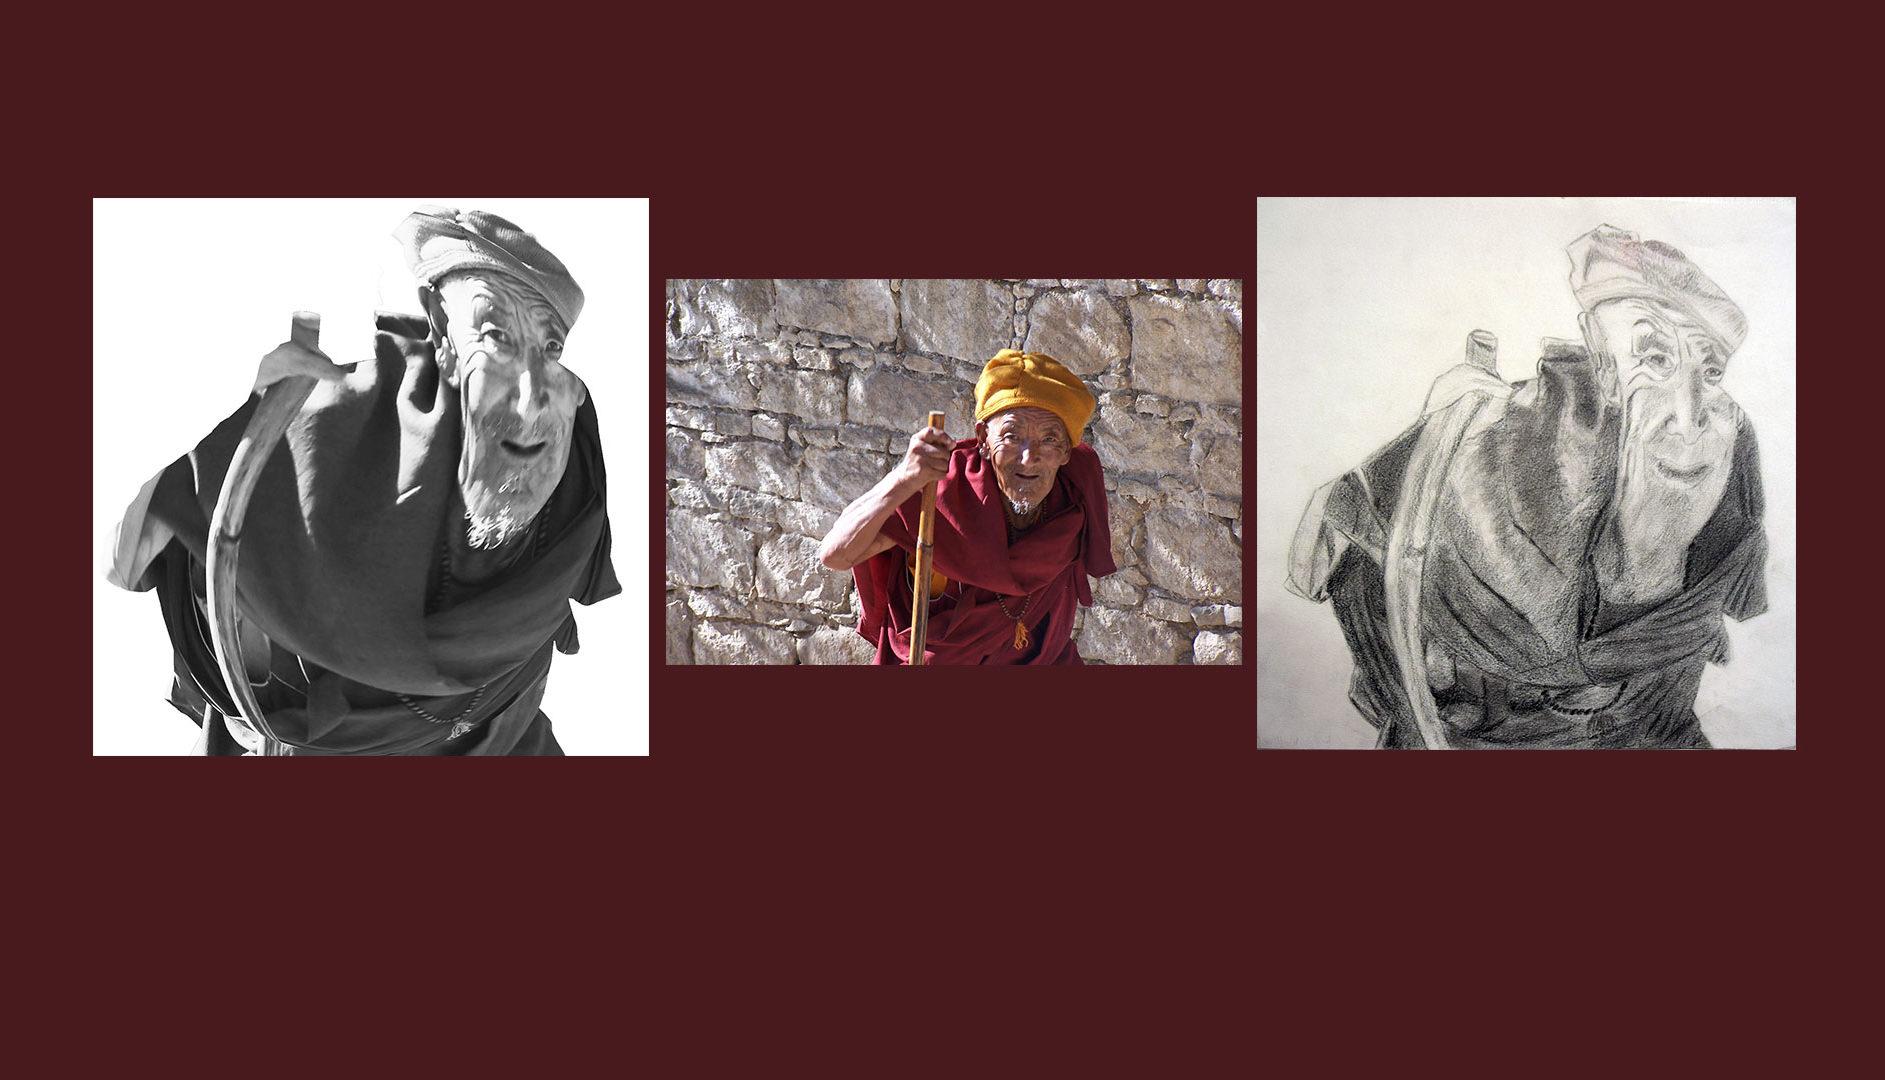 Moine Tibétain - Dessin au crayon d'après photographie Yves MARTIN-GARIN